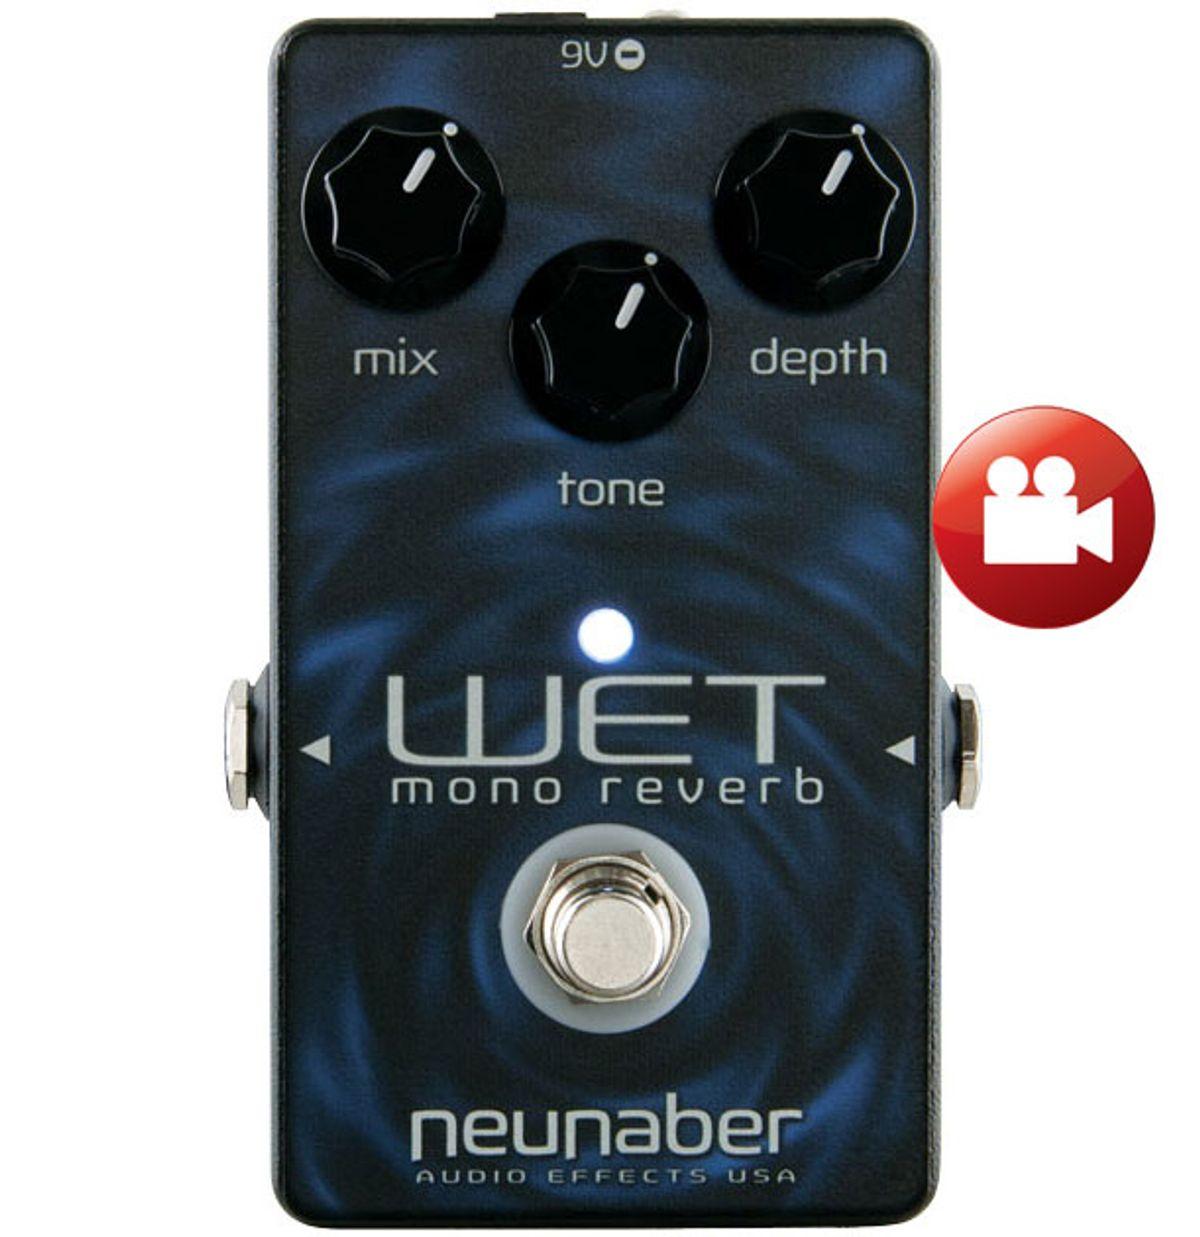 Neunaber Wet Mono Reverb Review